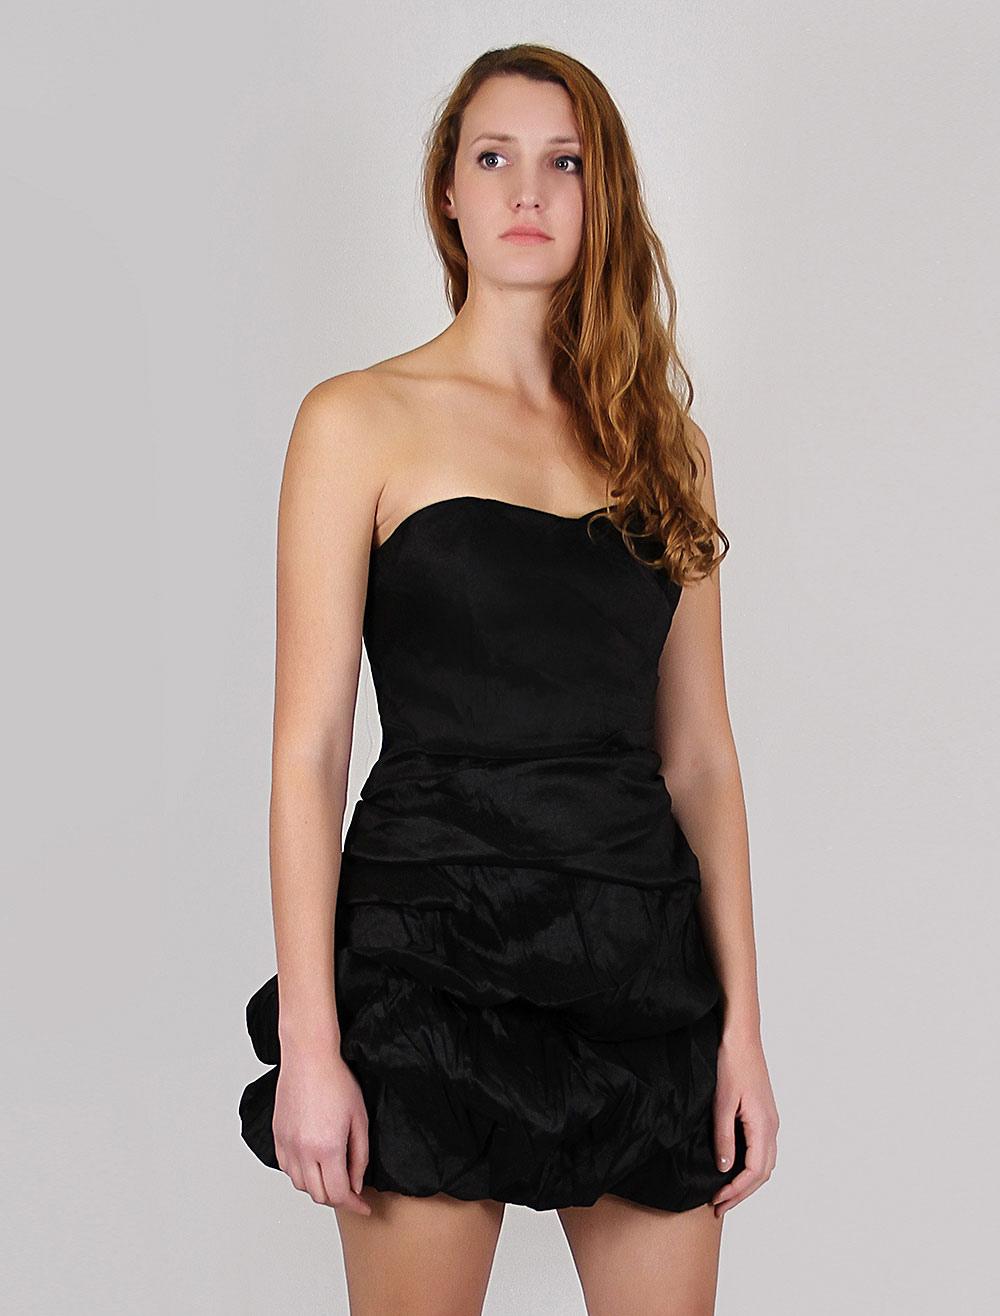 e8b5c8ca7132 Tubino nero corto scollo a cuore senza spalline plissettato per donna -  boutique.milanoo